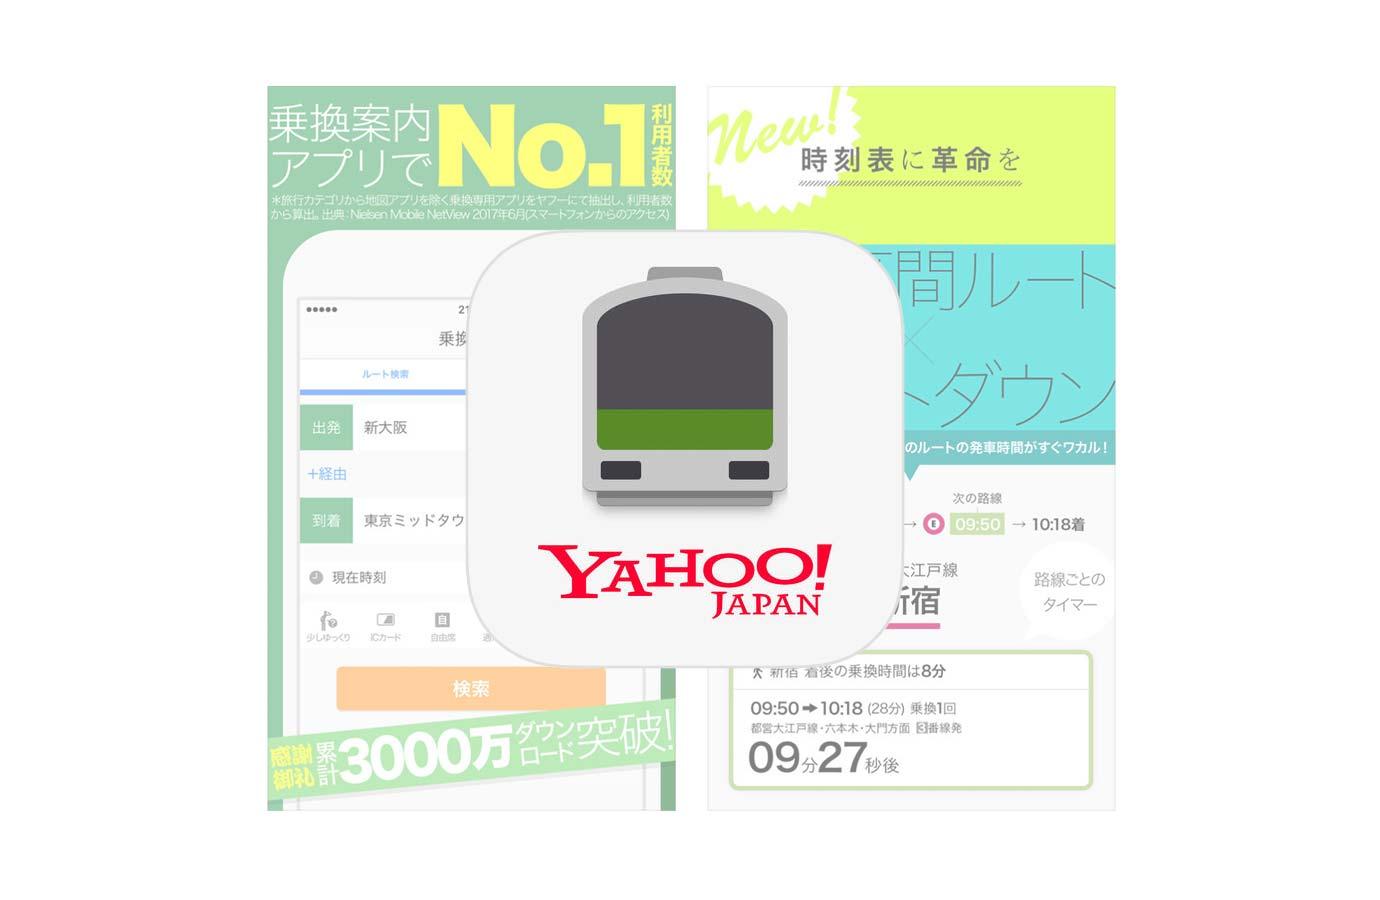 Yahoo Japan、定期区間タイマー機能を追加したiOSアプリ「Yahoo!乗換案内 6.5.0」リリース